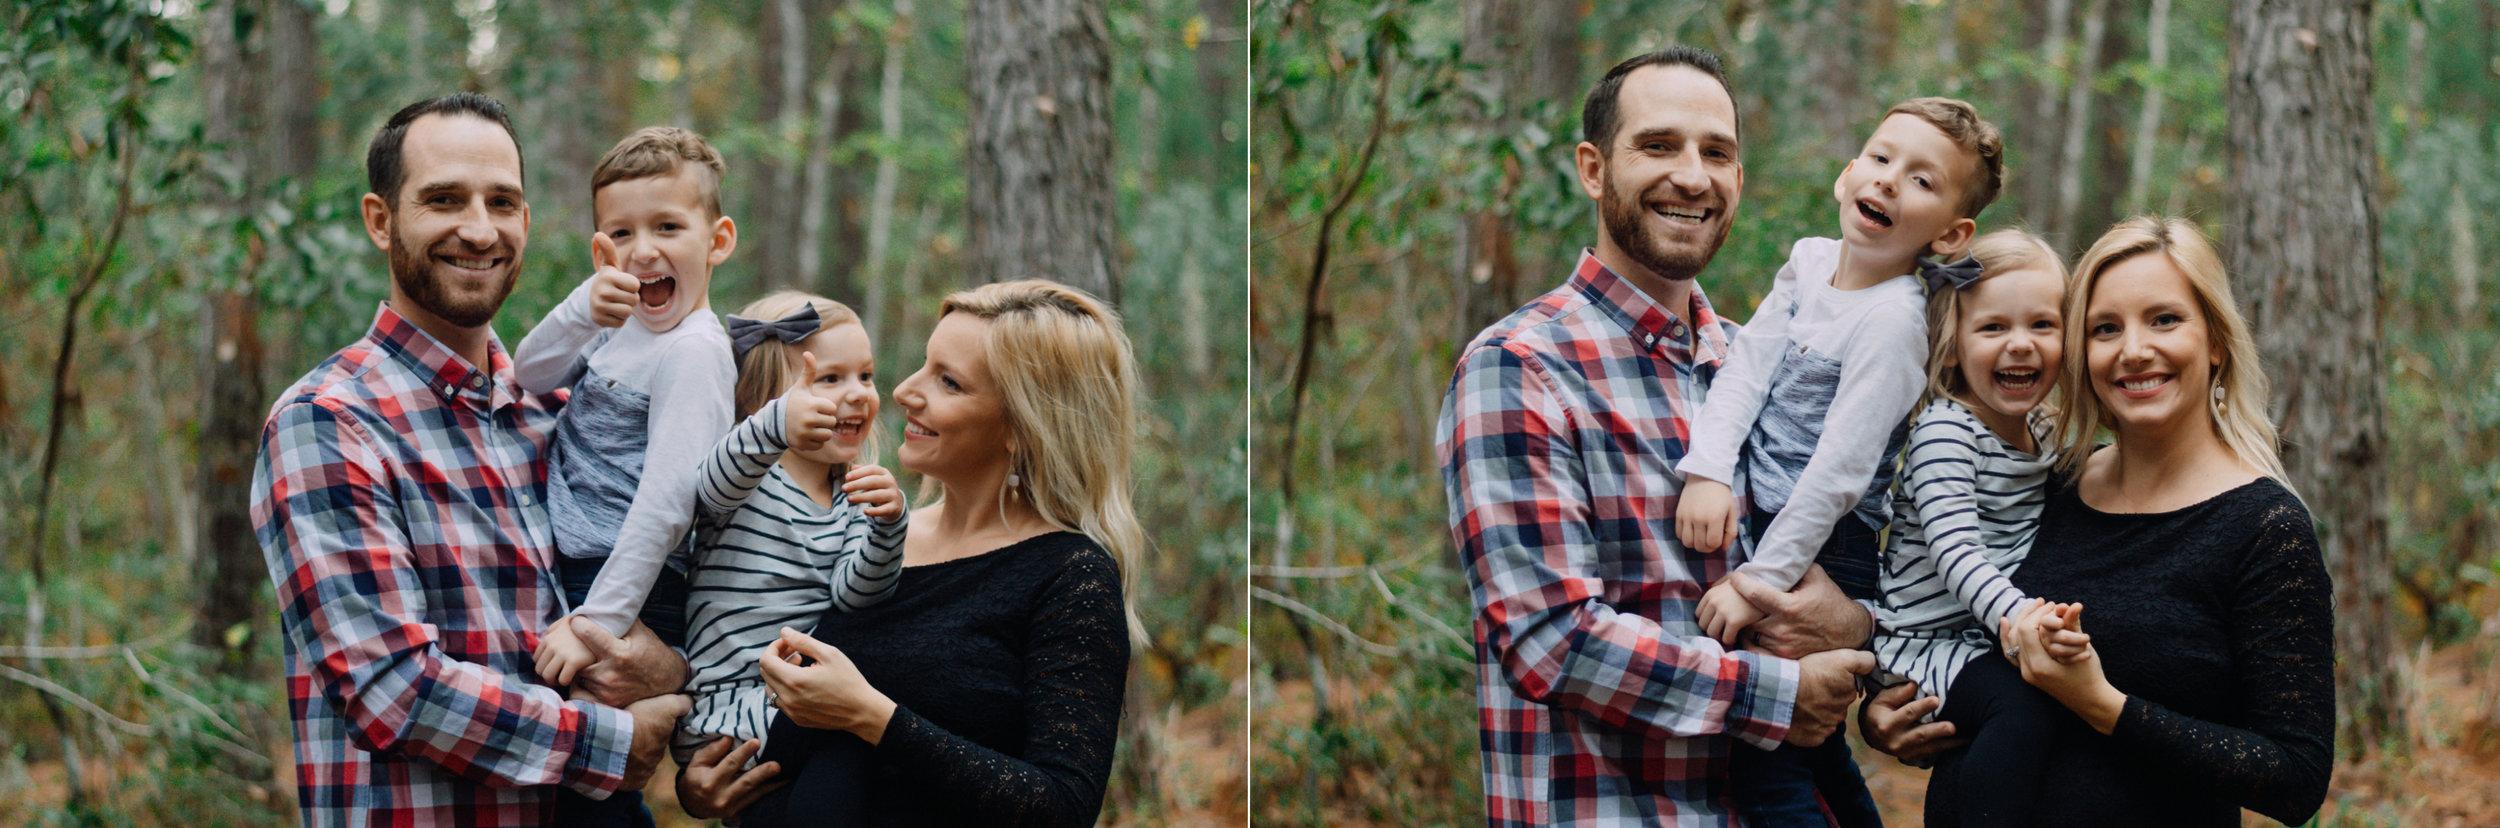 35weeksfamily.jpg